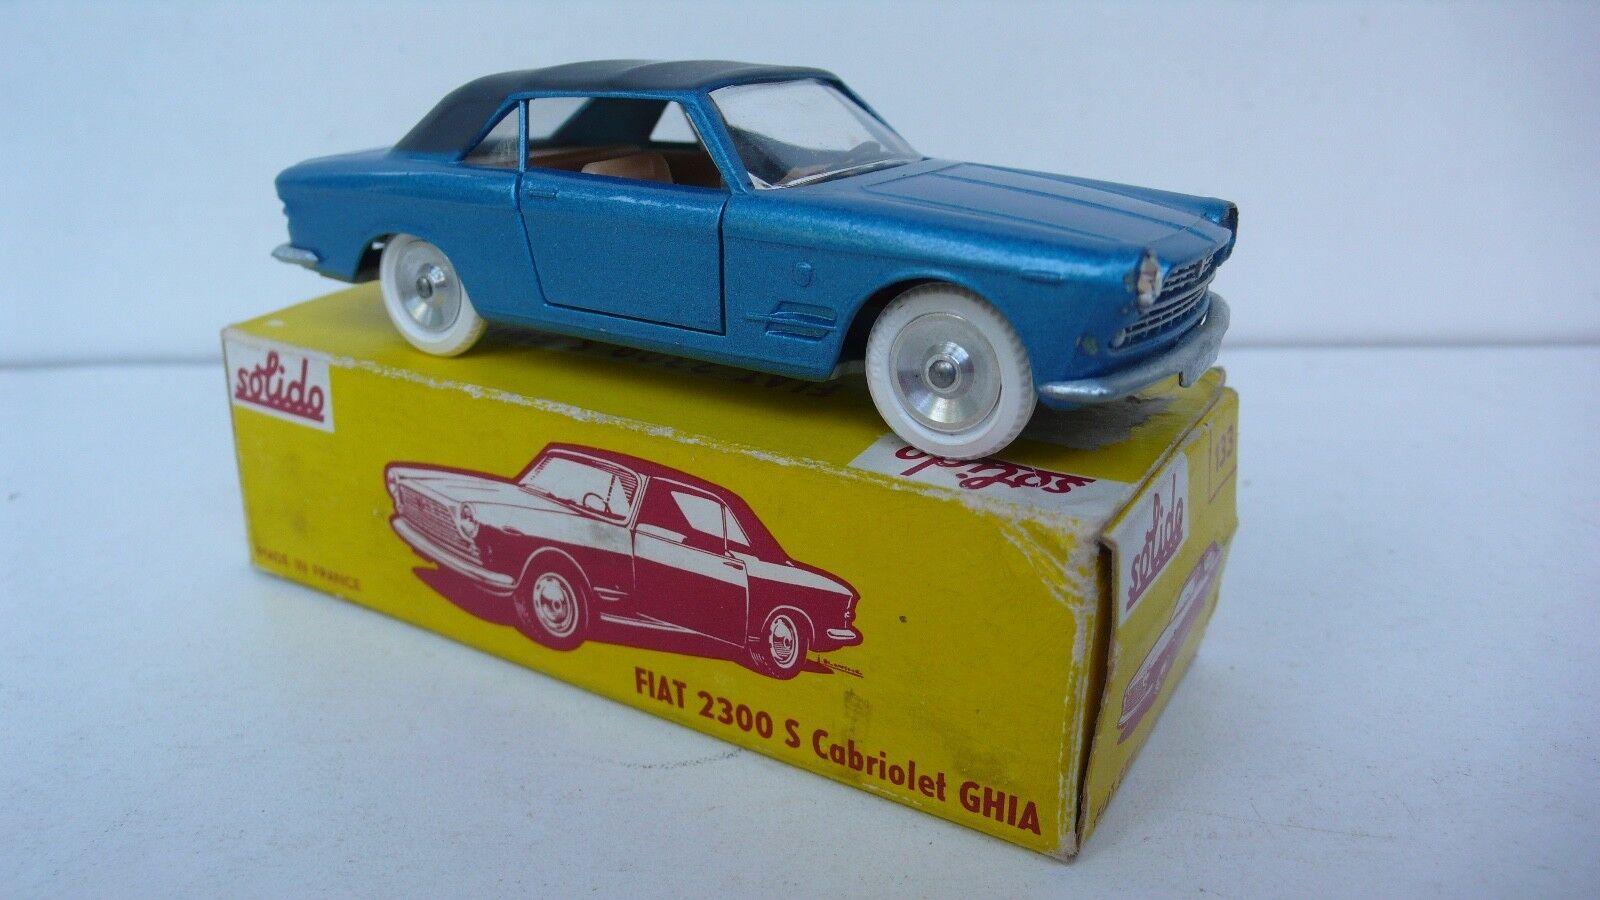 SOLIDO  SÉRIE 100   FIAT FIAT FIAT 2300 S  GHIA  REF 133  1963   BON ÉTAT  BOITE D'ORIGINE | Commandes Sont Les Bienvenues  | Outlet Store Online  e6c718